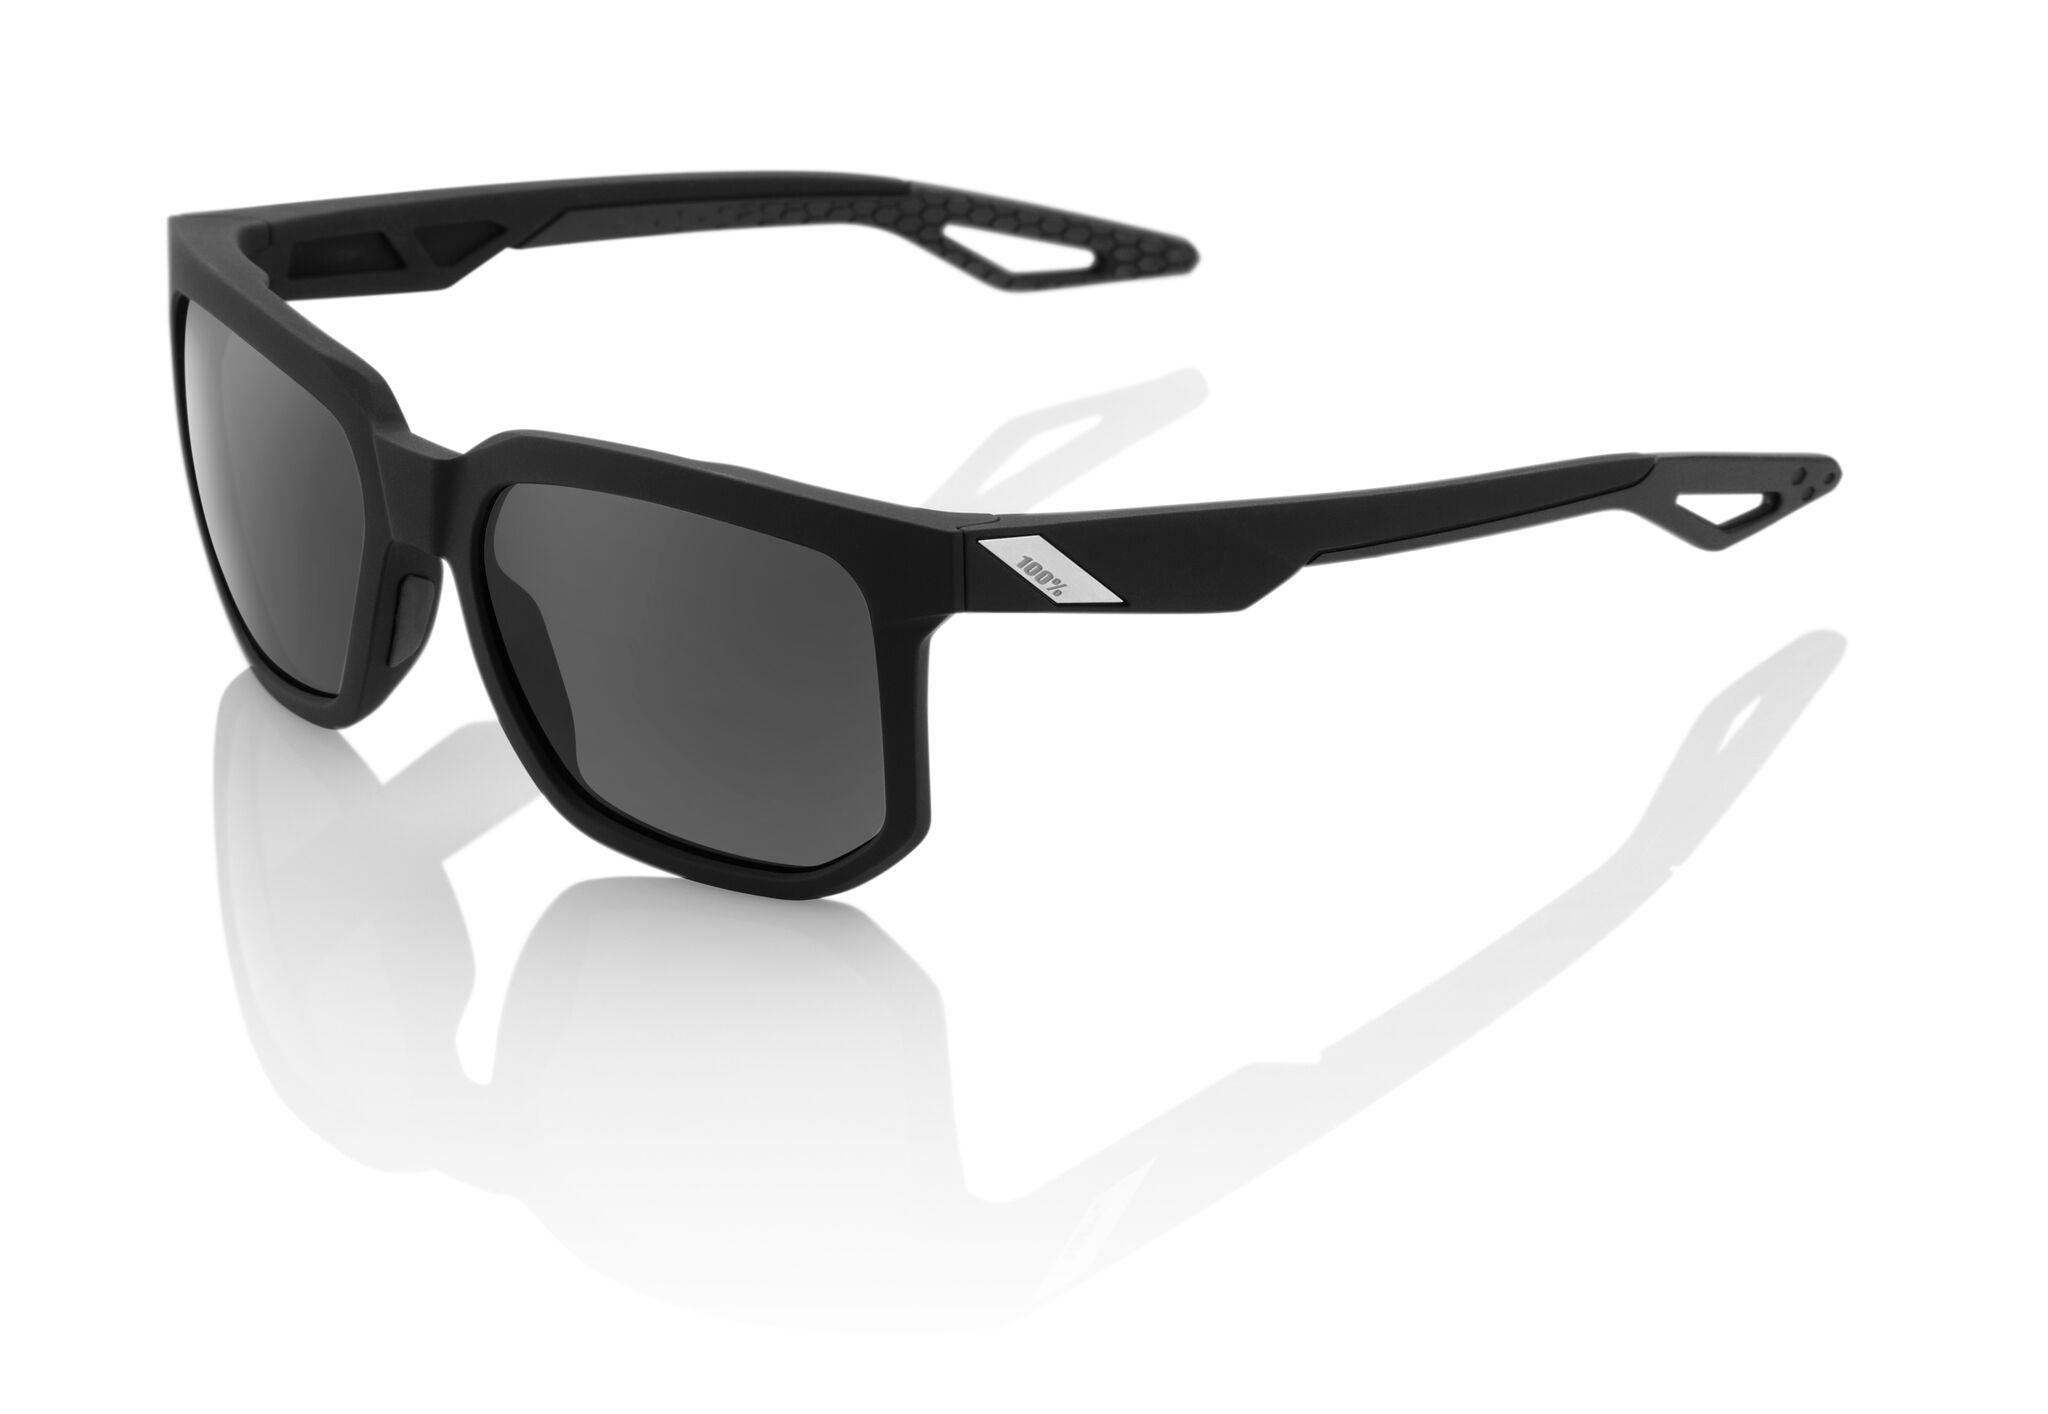 7f95e43f25 100% Centric Sunglasses - PeakPolar buy online